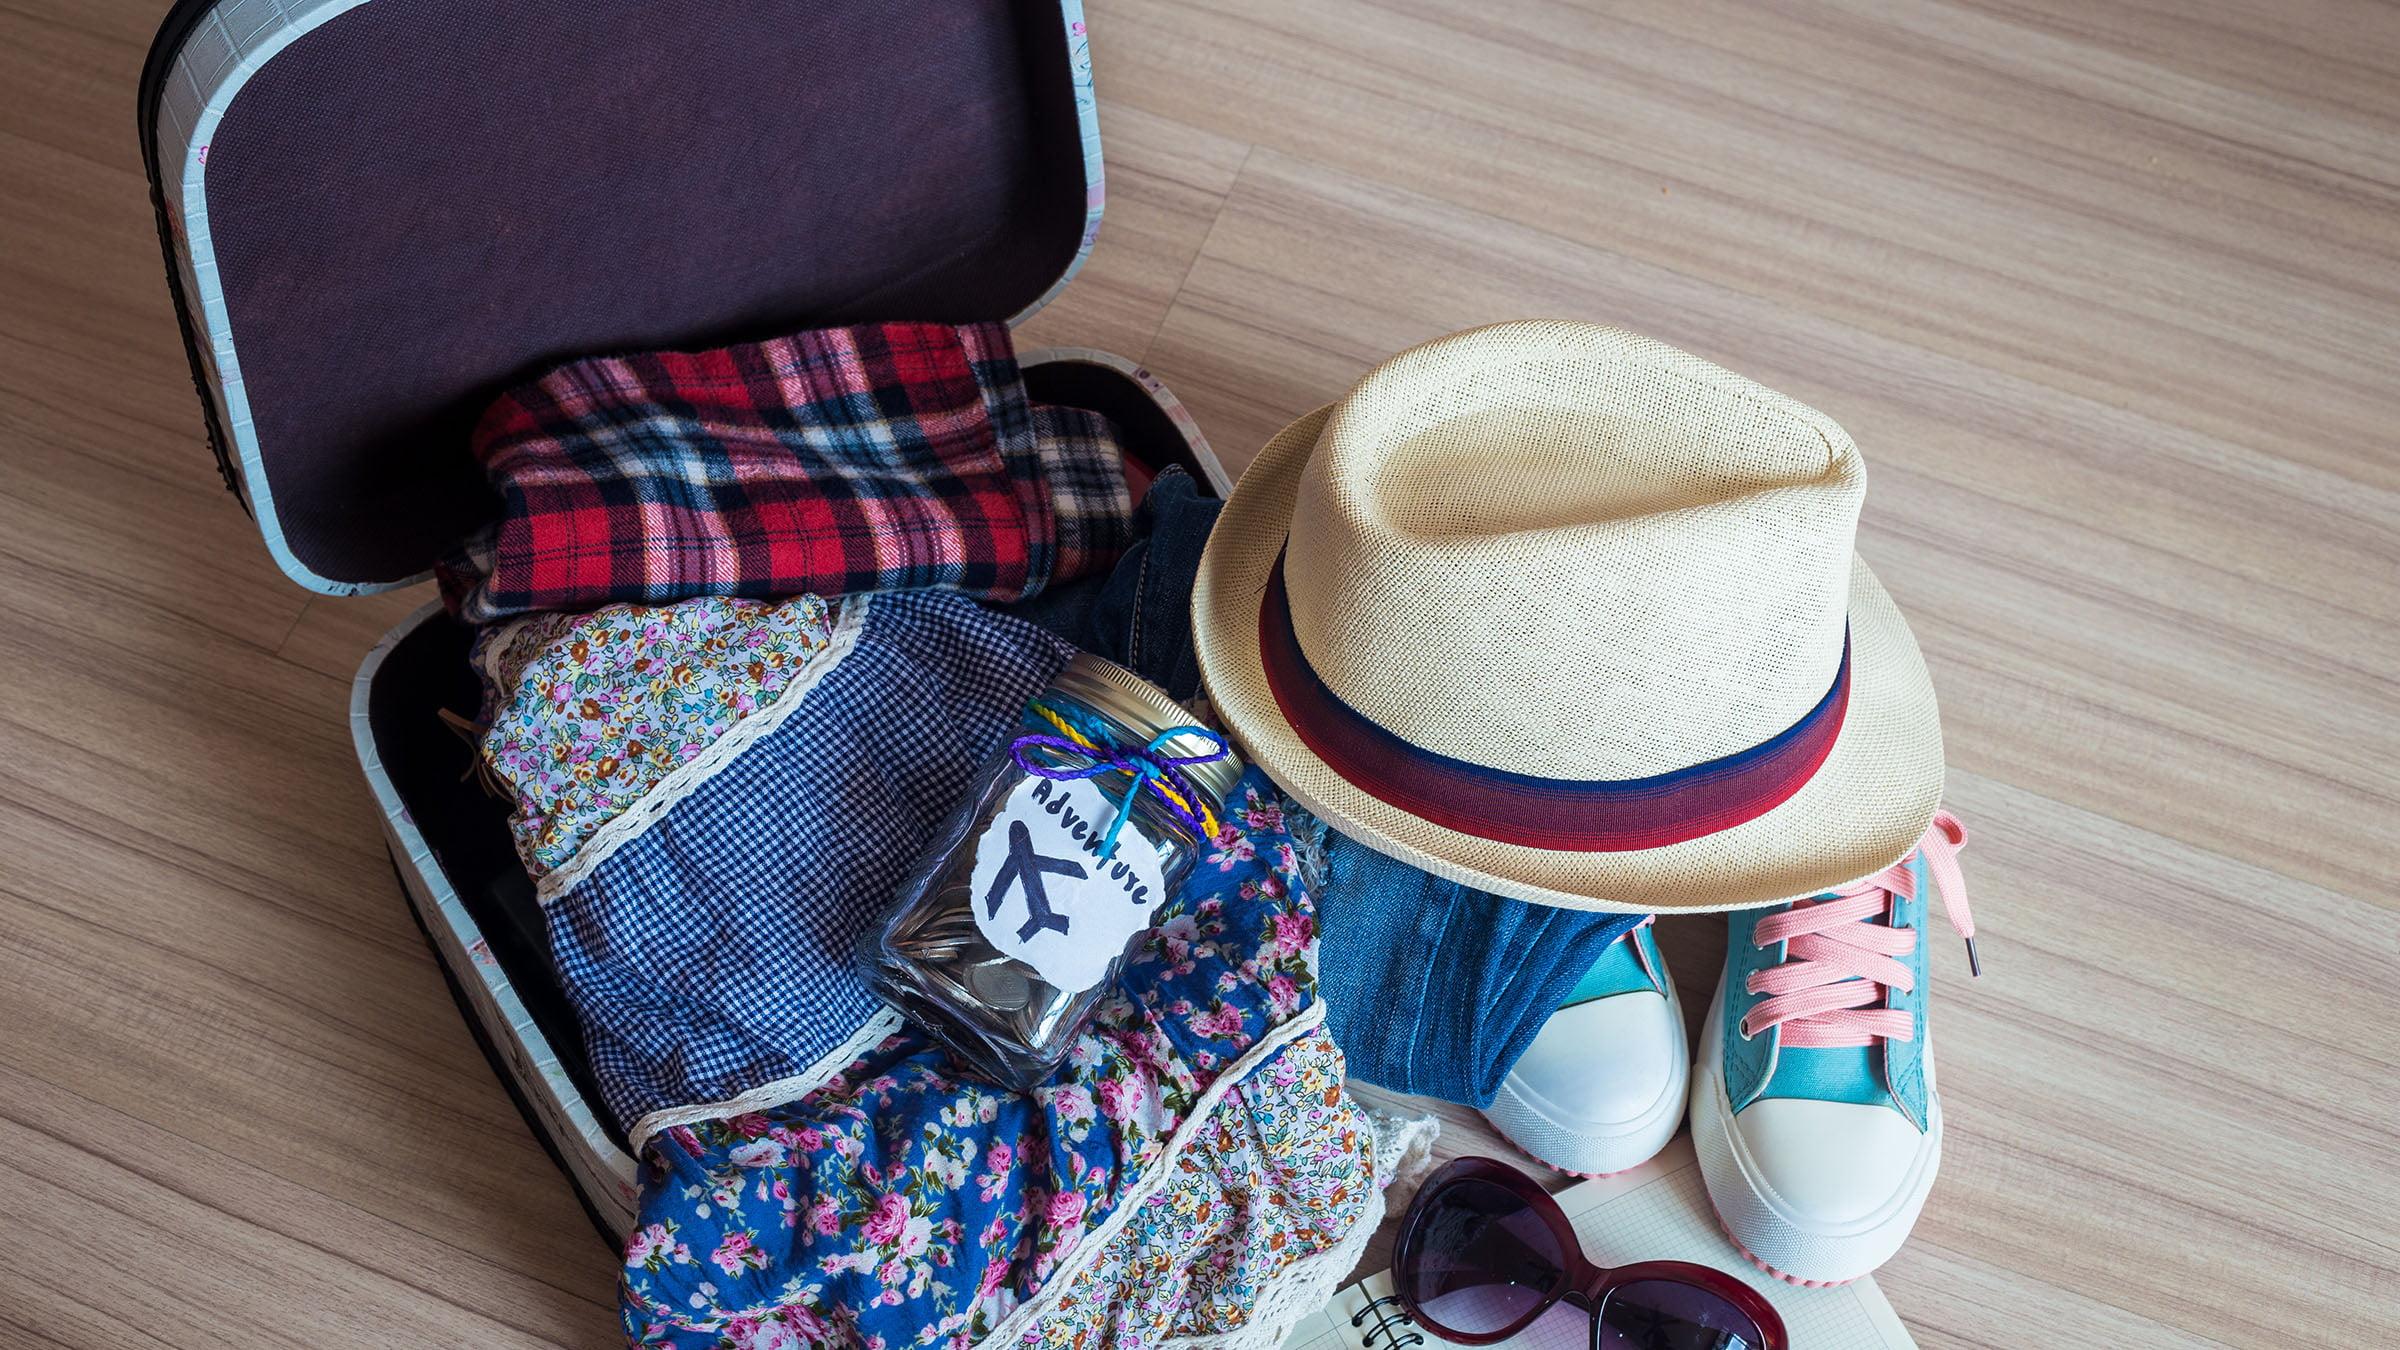 Equipaje de mano en vueling l quidos medidas y peso m ximo - Medidas maleta cabina vueling ...